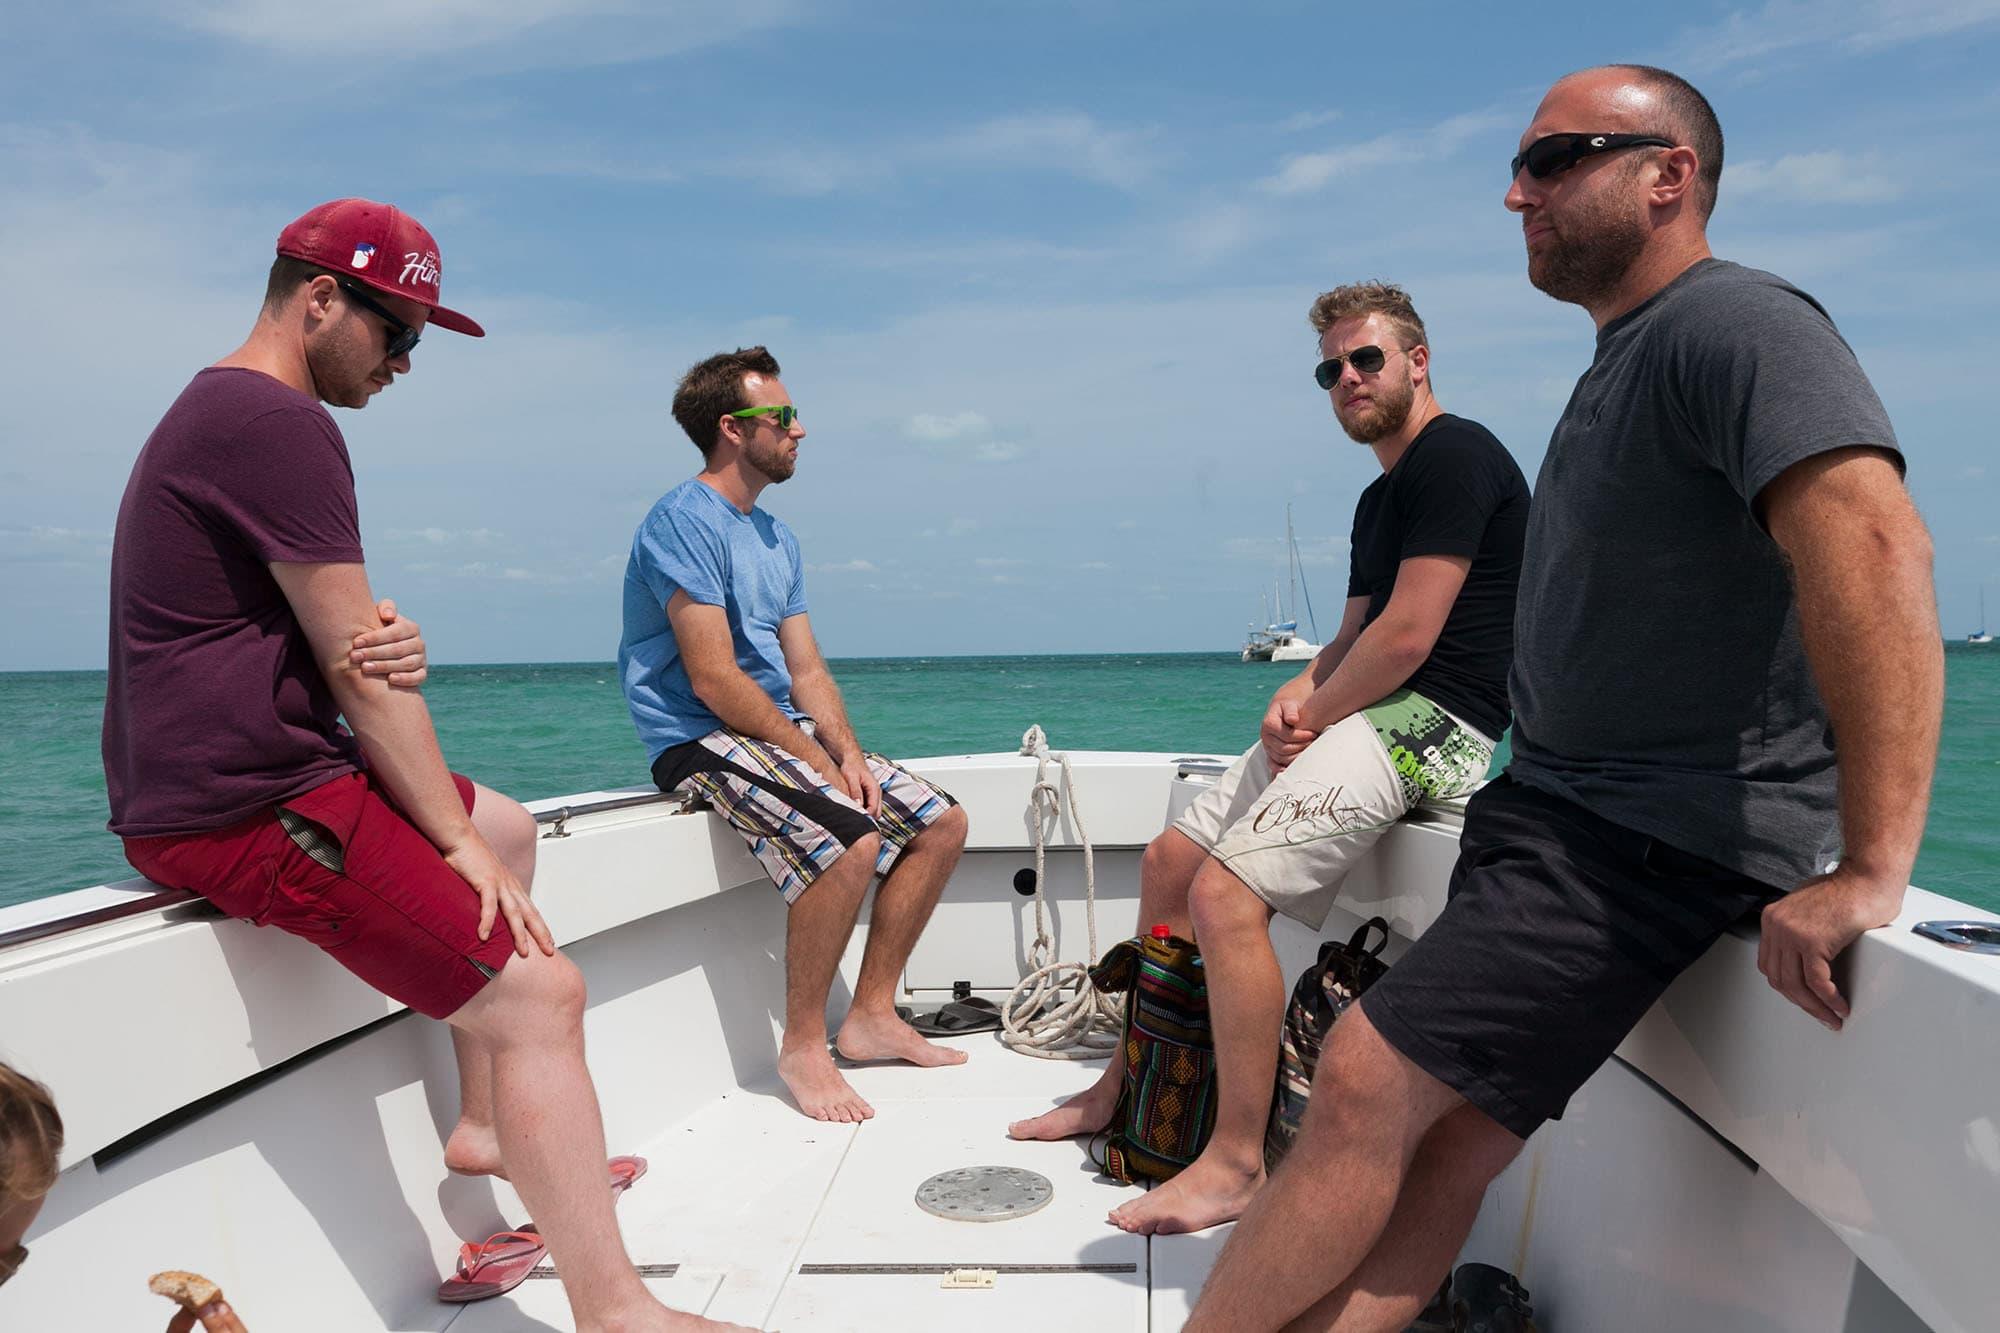 Fishing trip in Caye Caulker, Belize